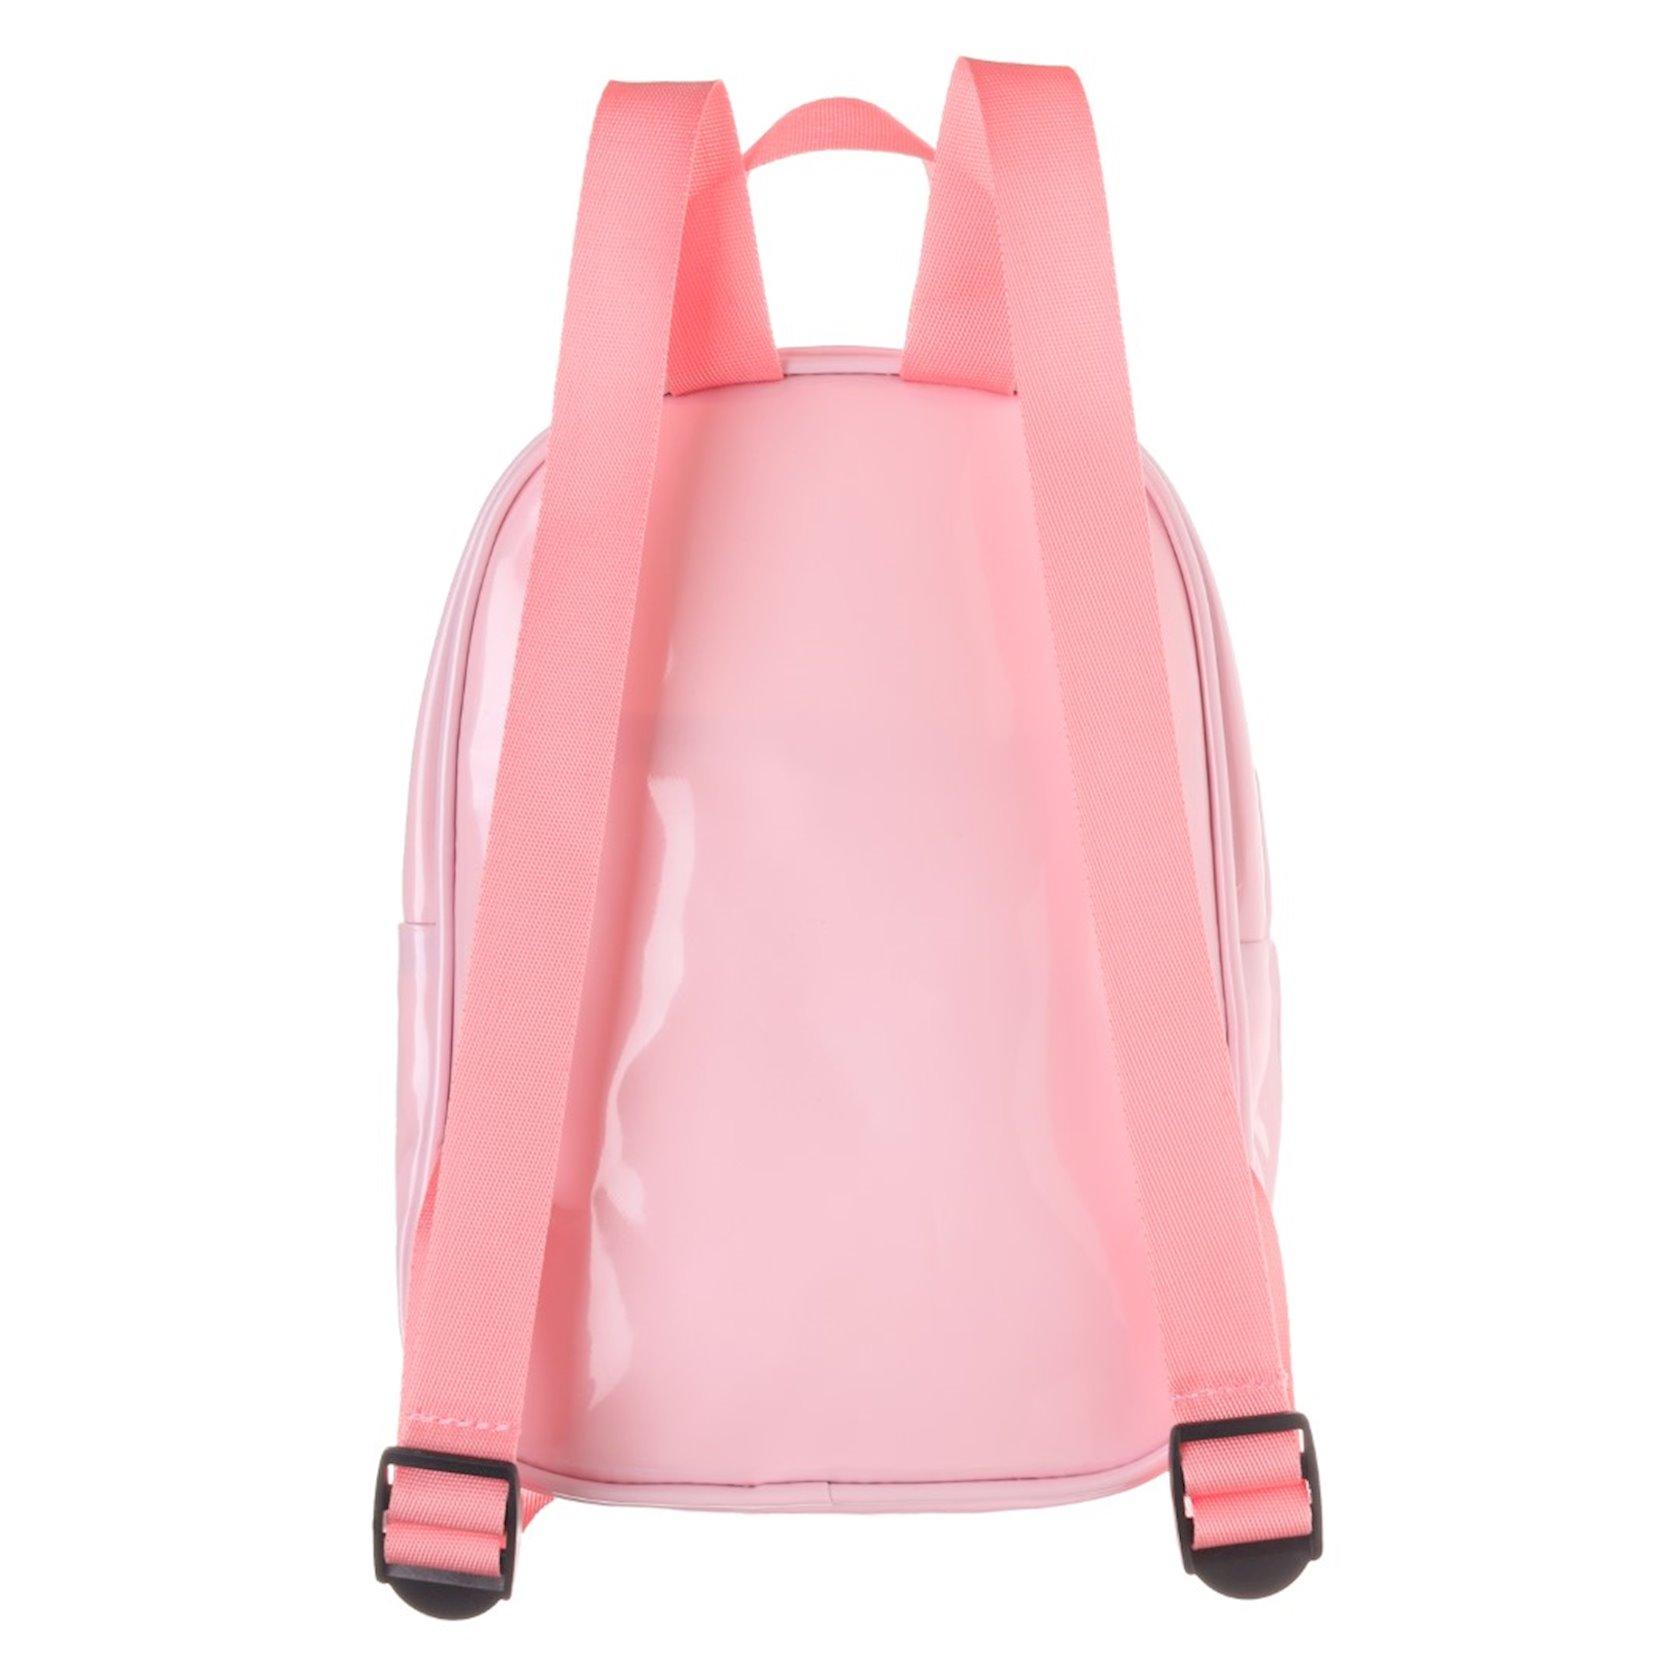 Uşaq bel çantası Miniso Backpack 178652 Pink, çəhrayı